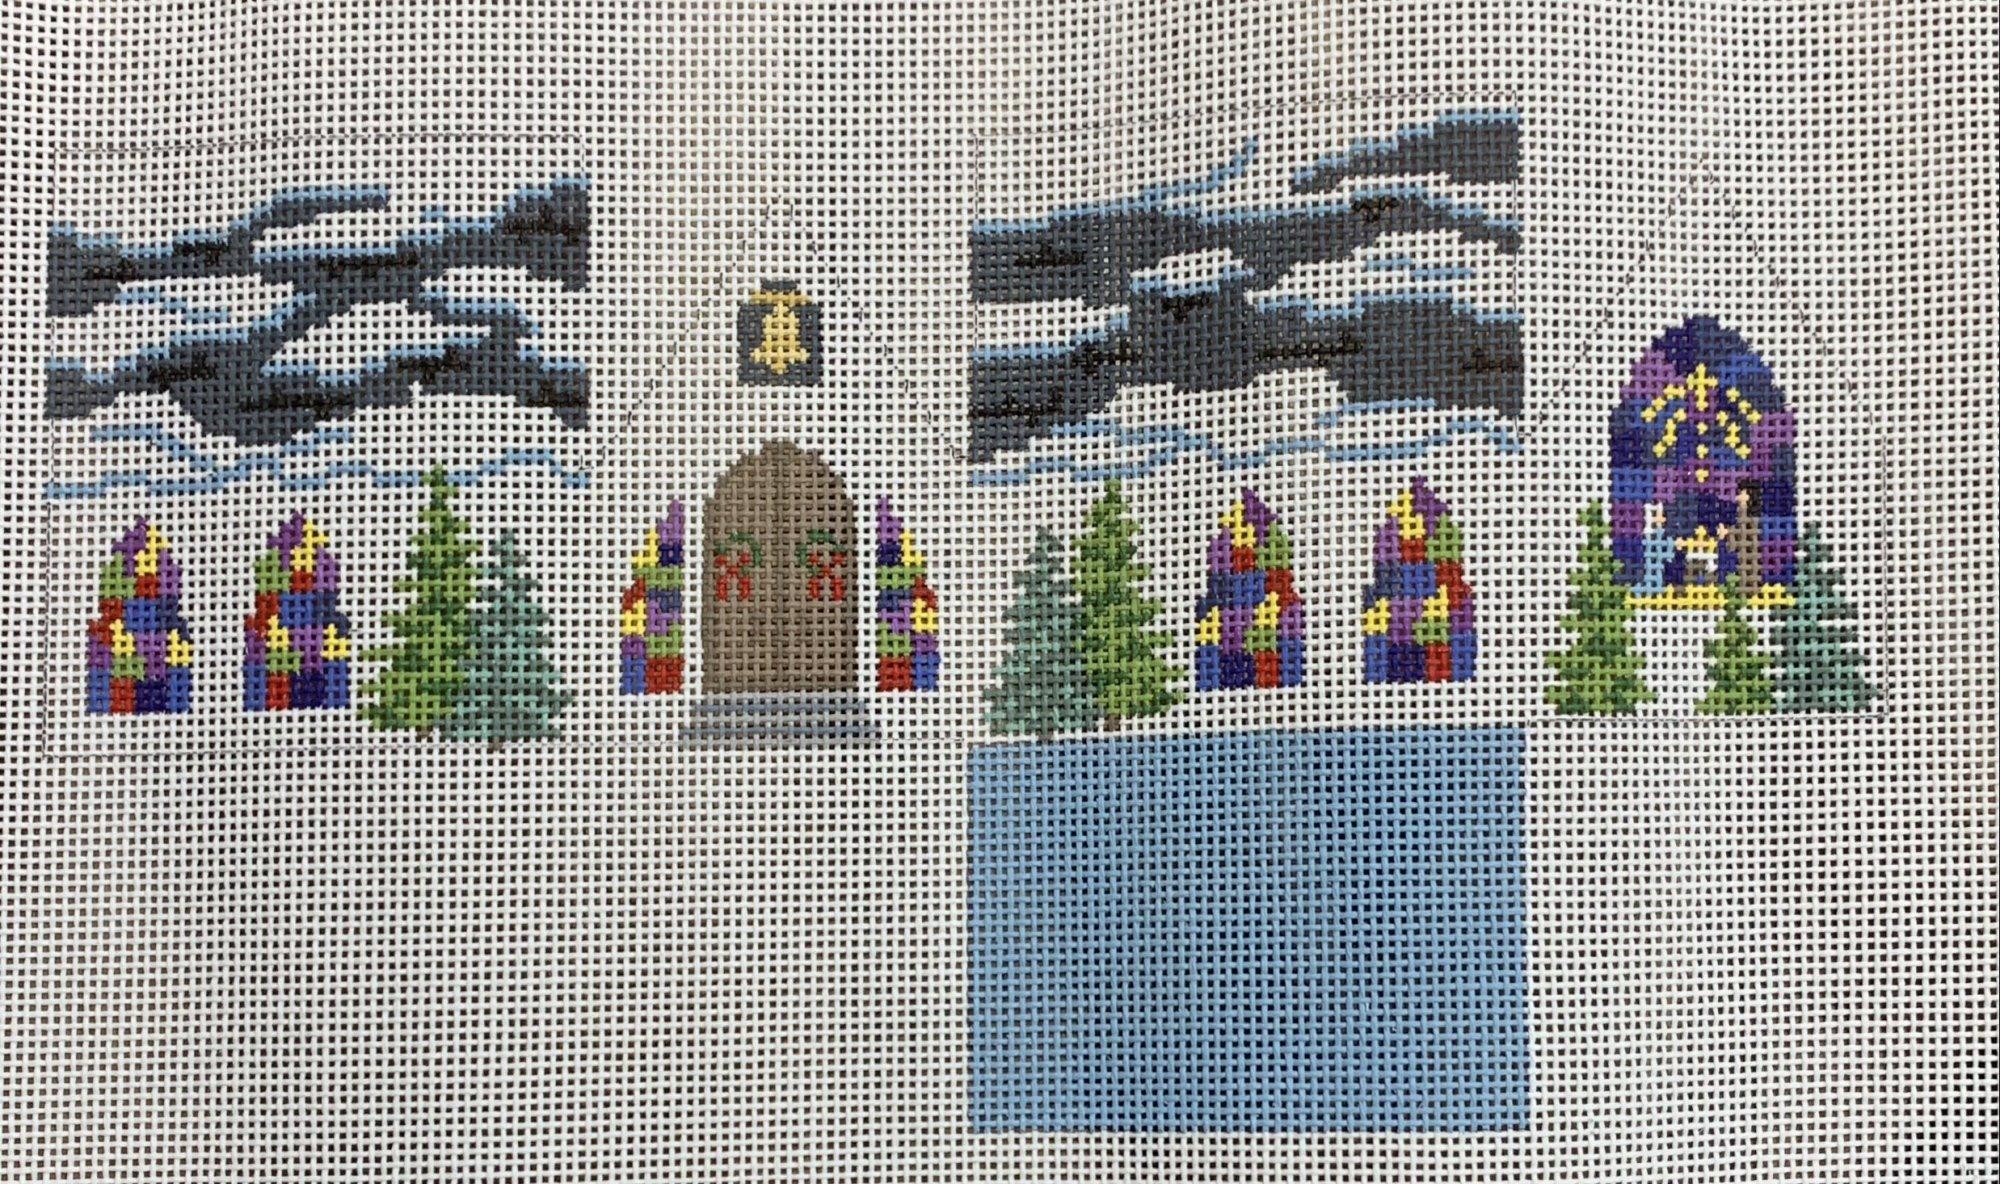 Church Mini House - 13 Mesh